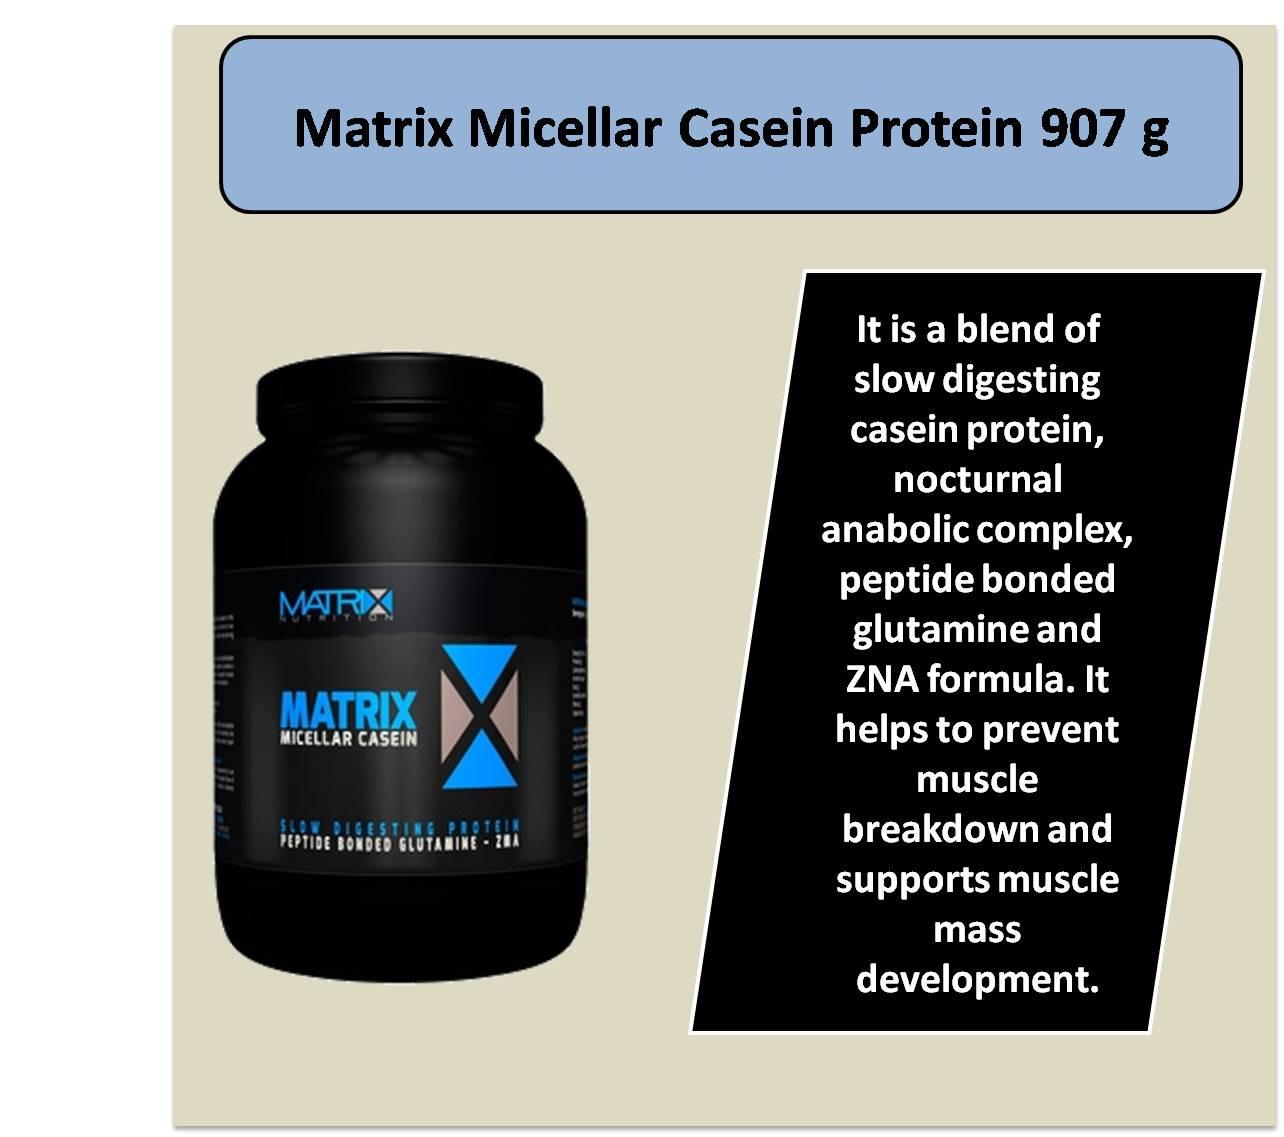 Matrix Micellar Casein Protein 907 g